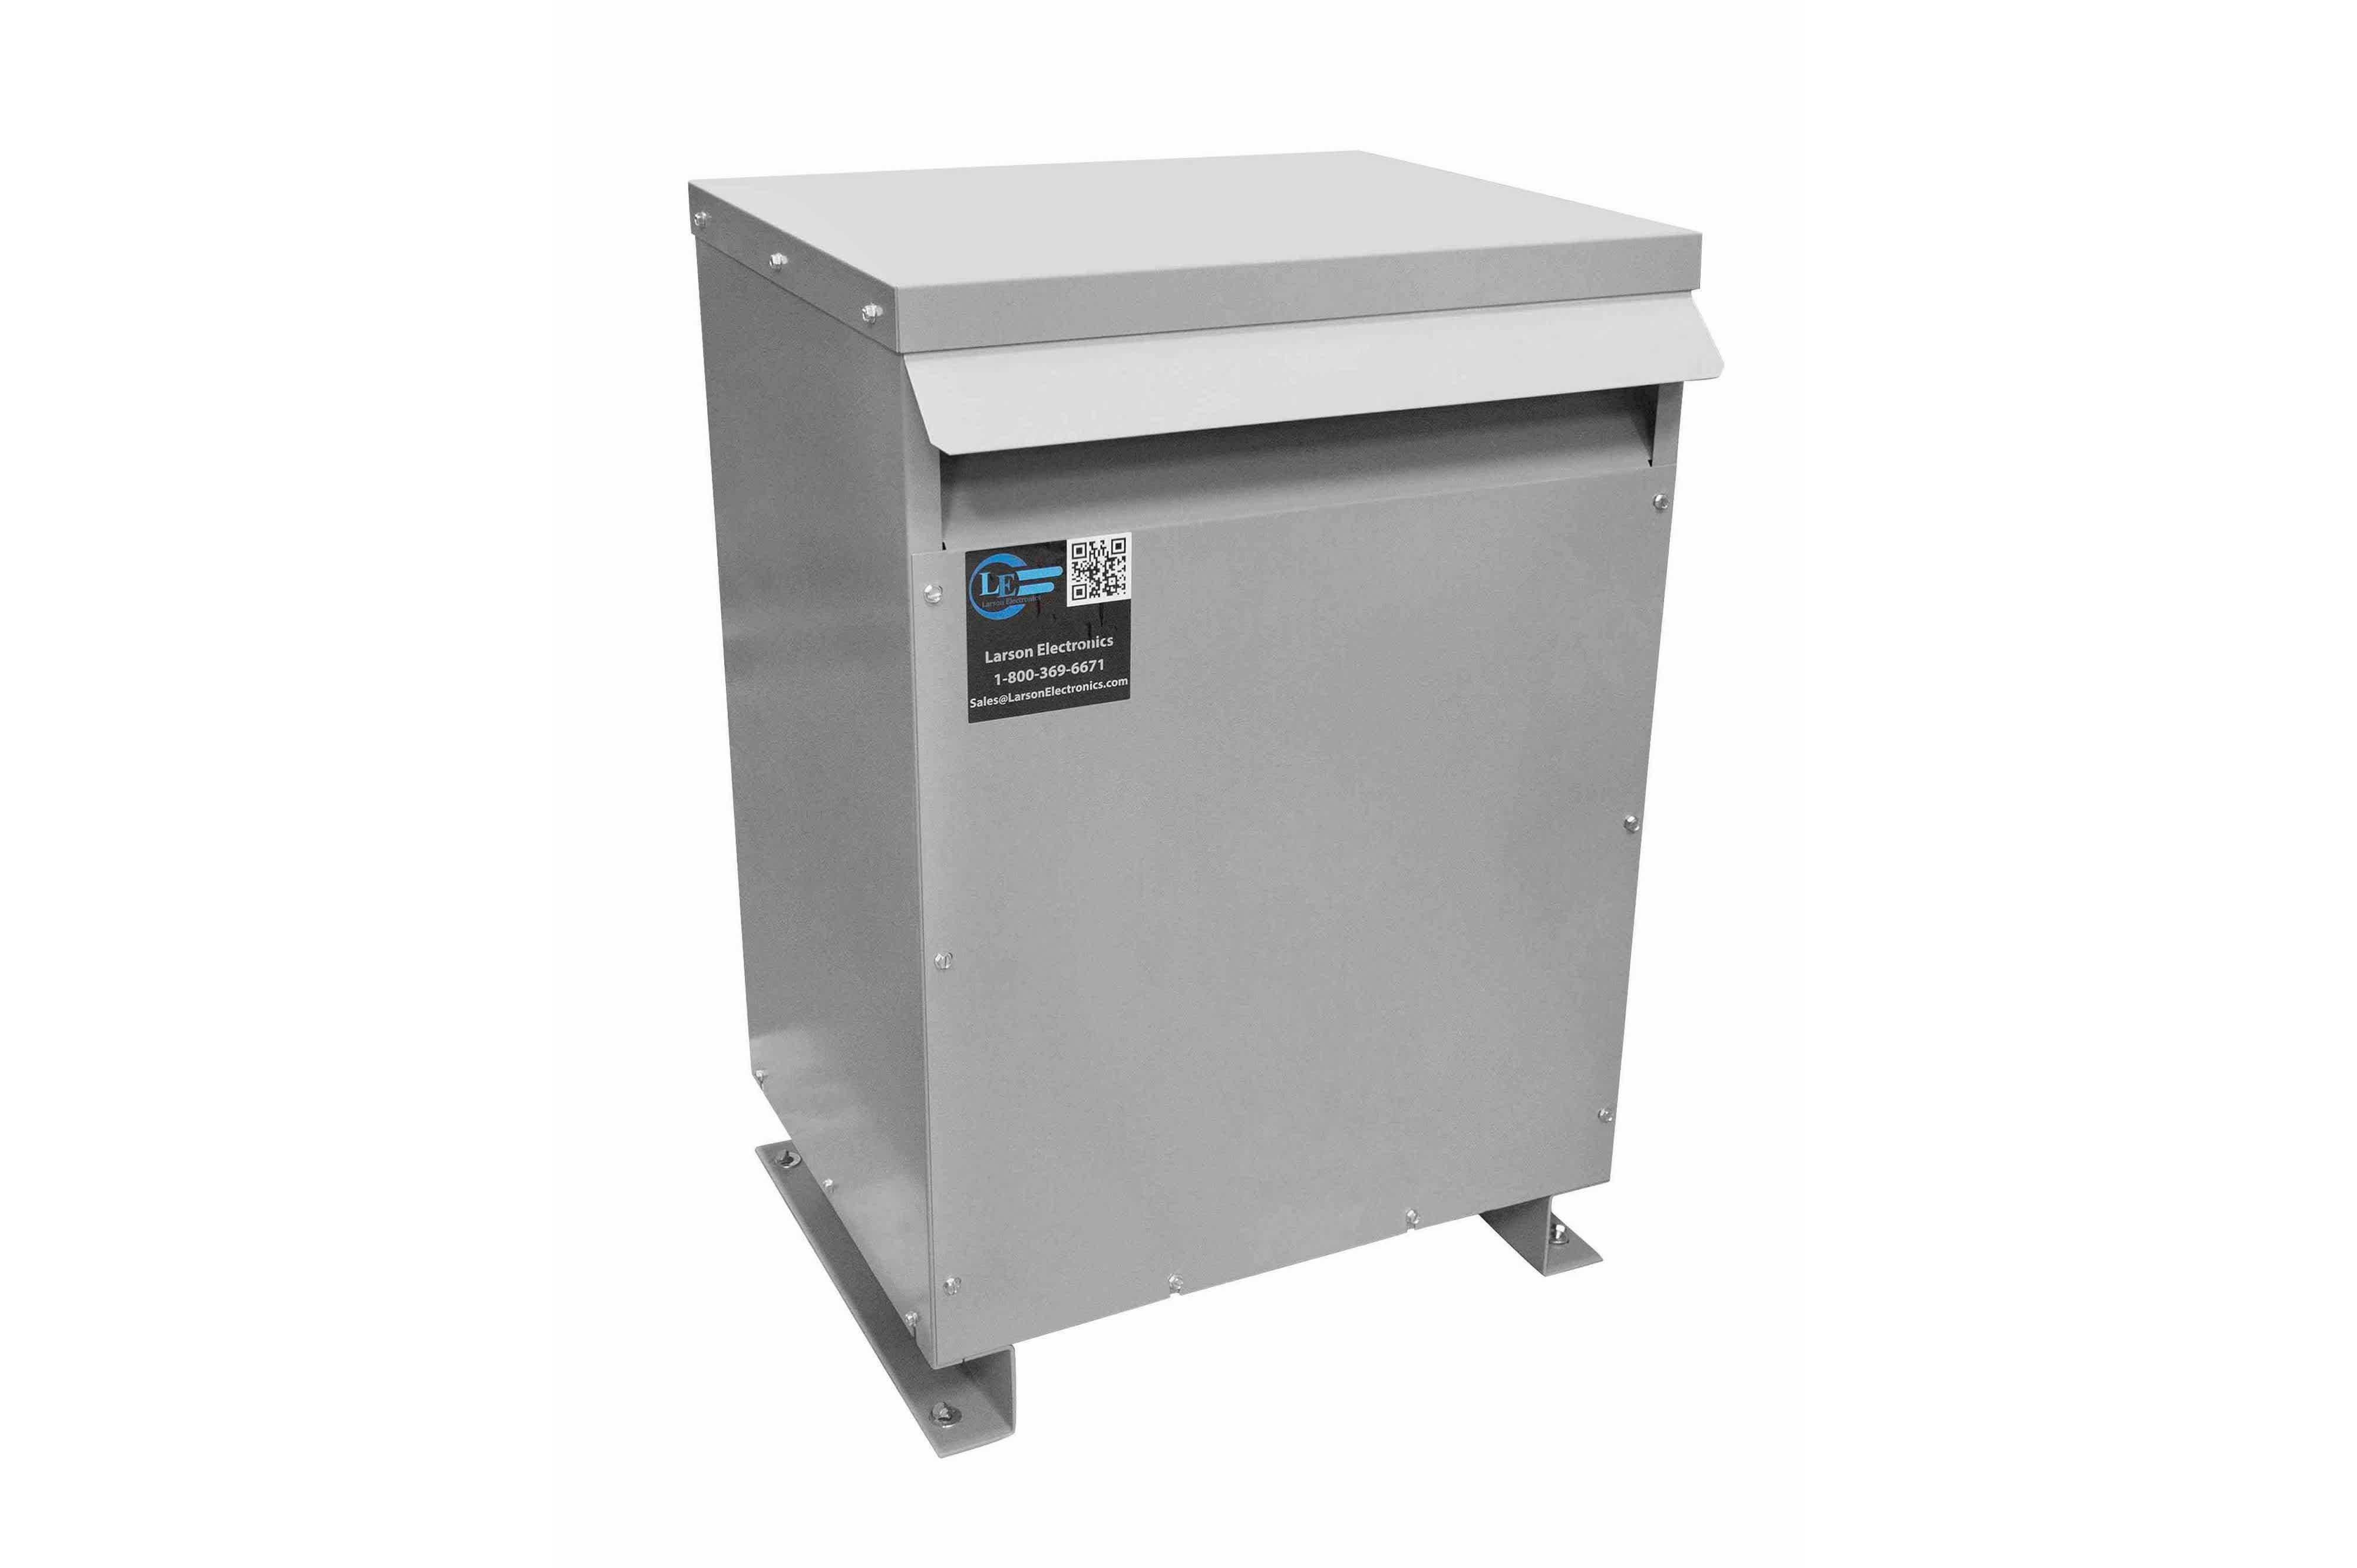 115 kVA 3PH Isolation Transformer, 460V Delta Primary, 600V Delta Secondary, N3R, Ventilated, 60 Hz